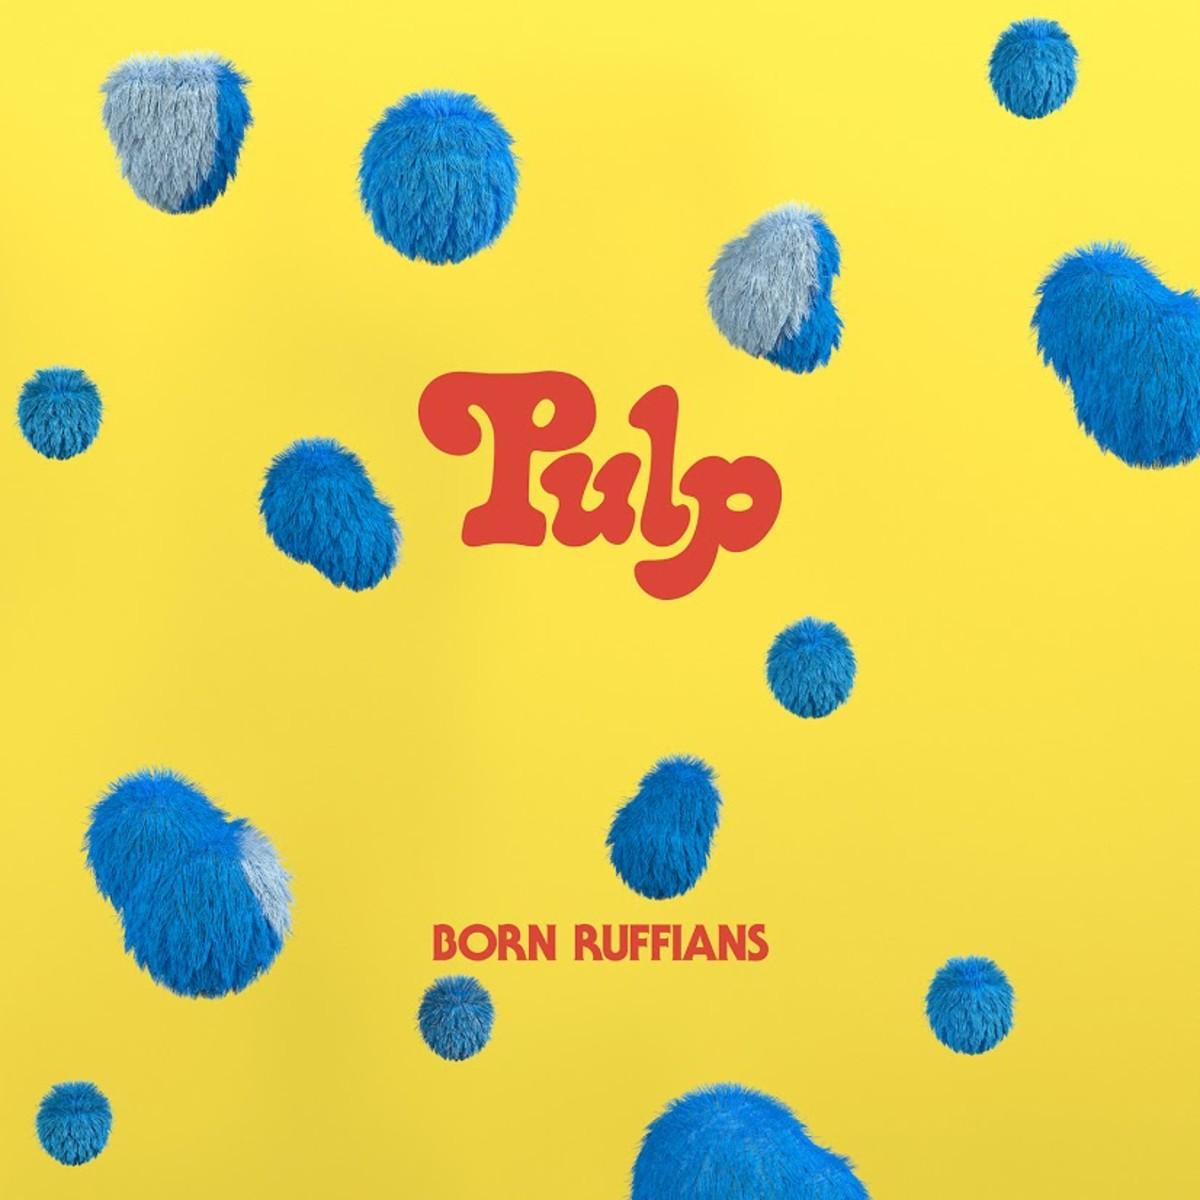 Born Ruffians_Pulp_COVER